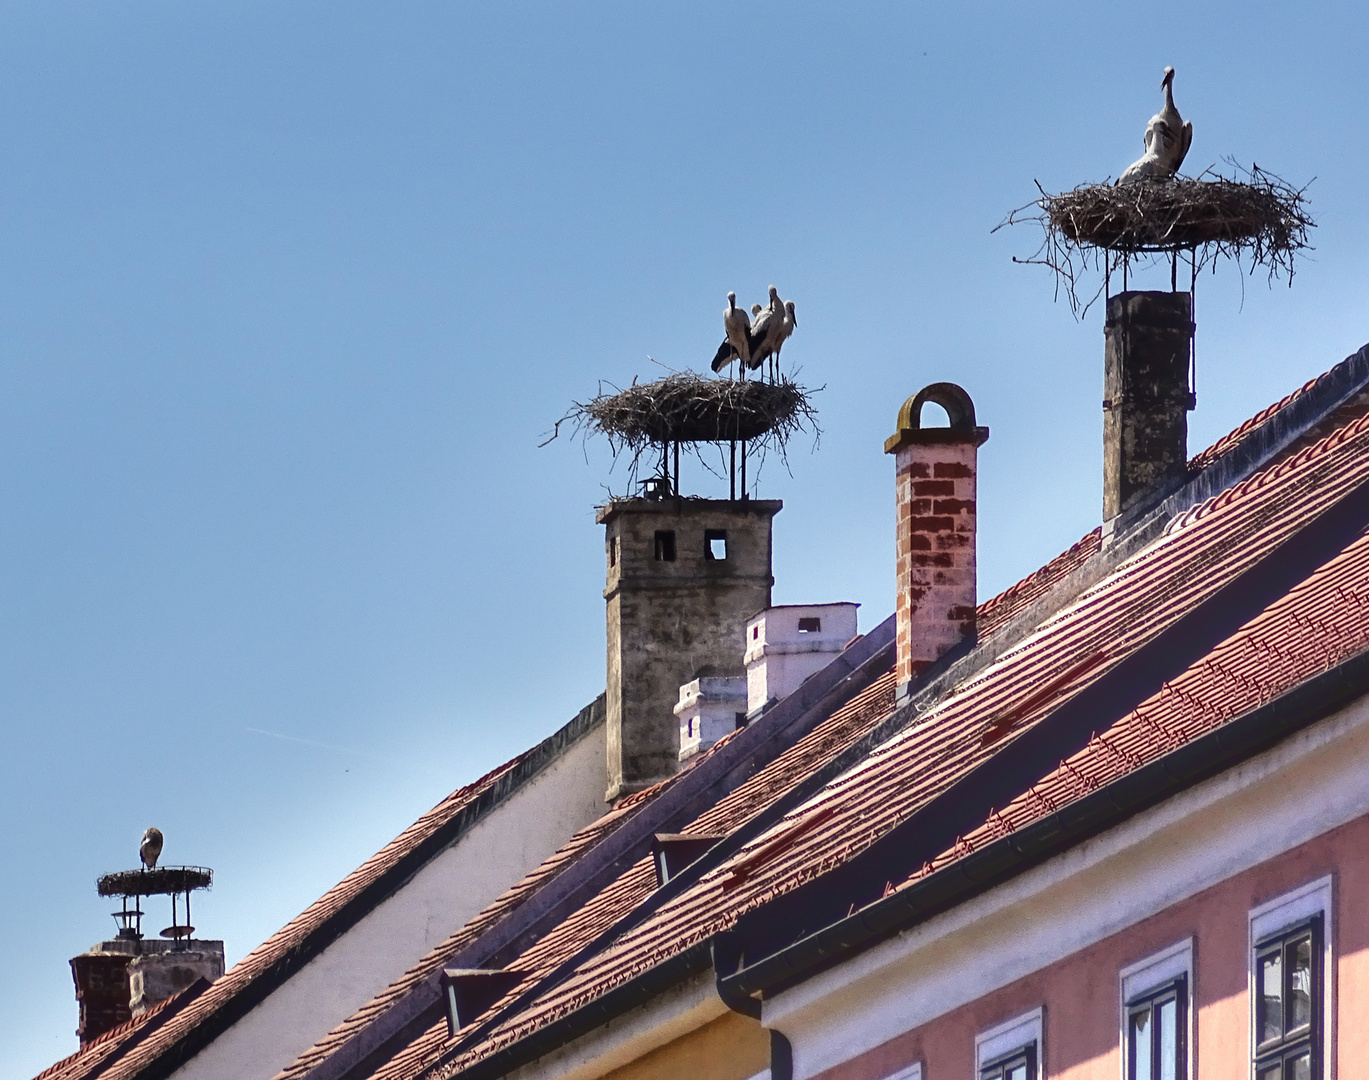 Rust neusiedlersee störche  Rust - Stadt der Störche Foto & Bild   world, österreich, vögel ...